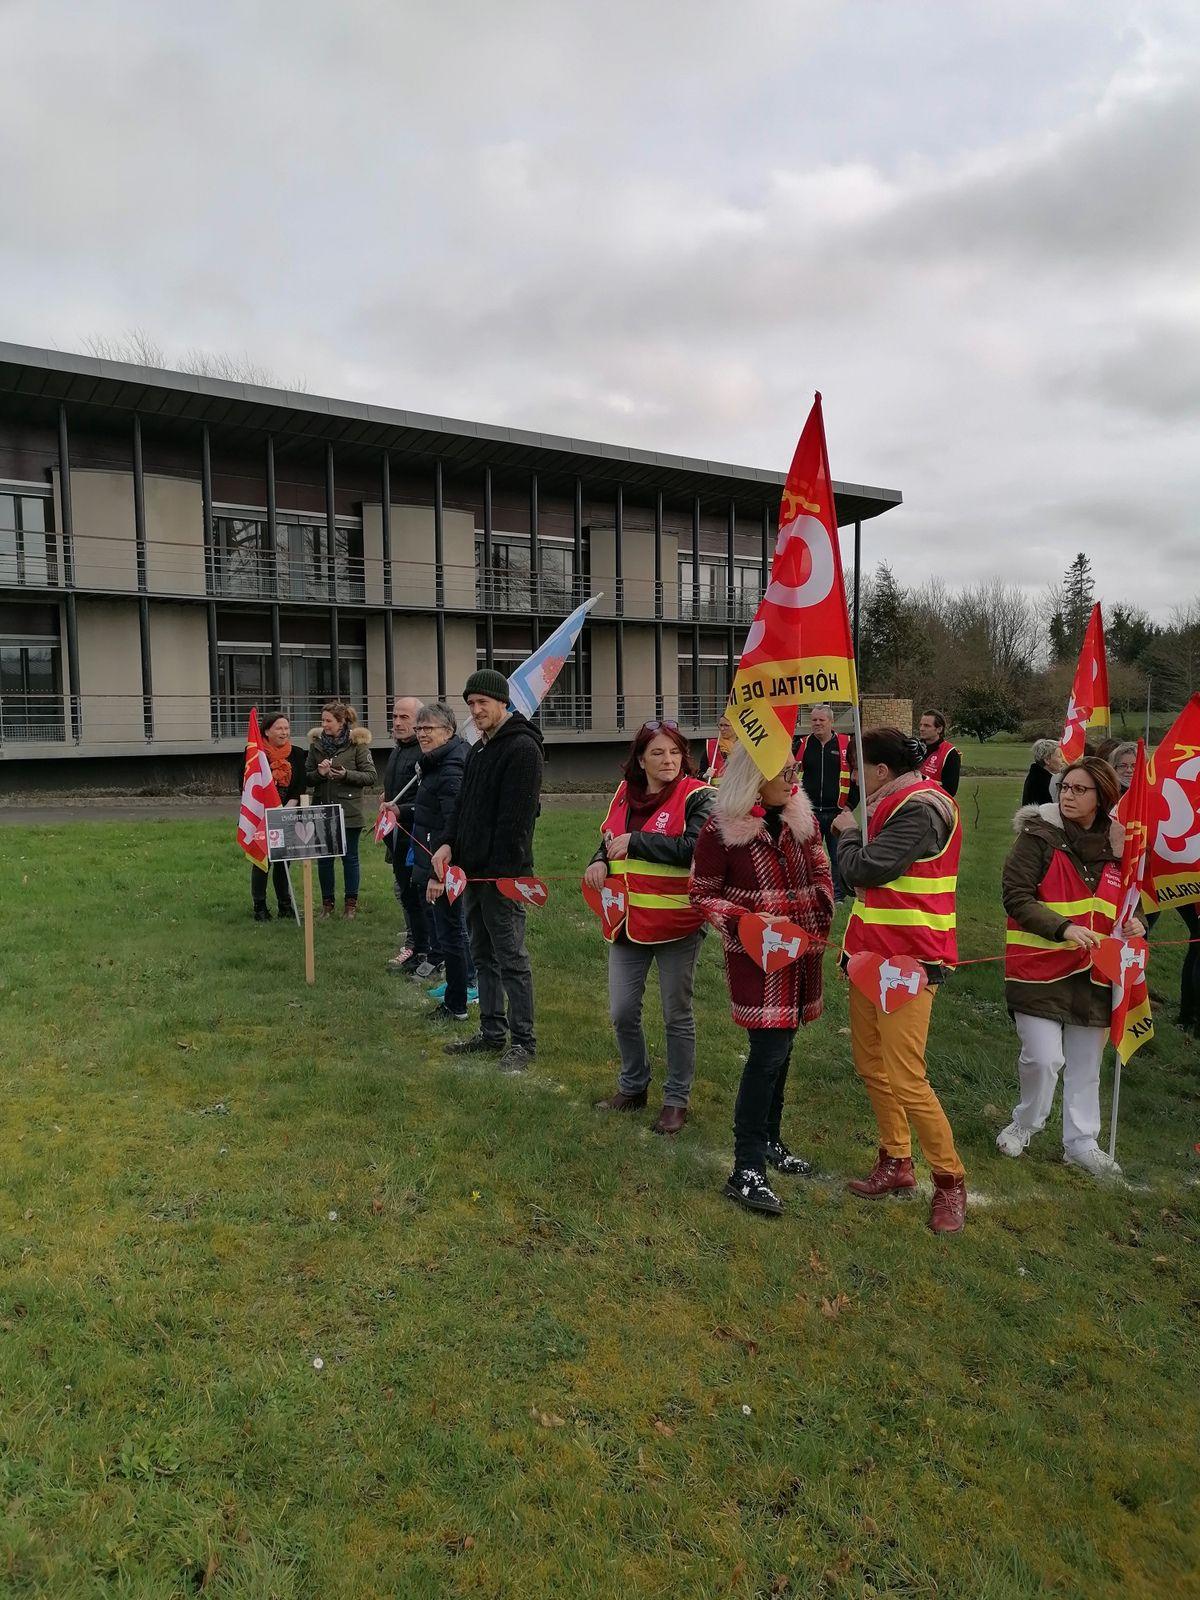 Casse de l'hôpital, fermeture des Mésanges - Le comité de défense de l'hôpital de Morlaix et la CGT manifestaient à Plougonven vendredi 14 février.